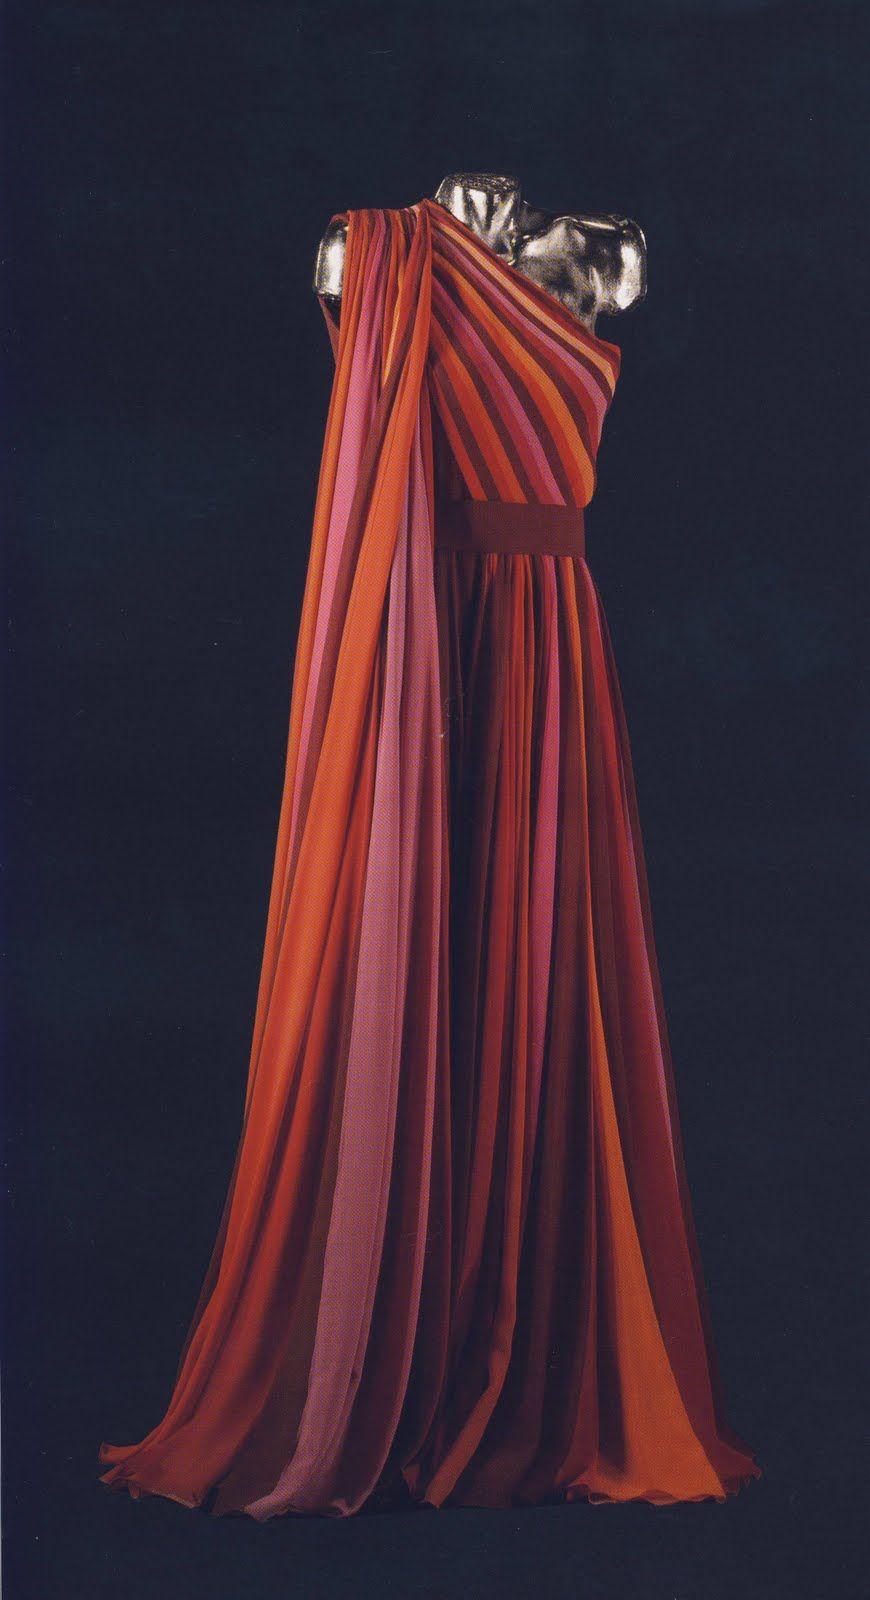 Pin by angelica barillari on abbigliamento pinterest